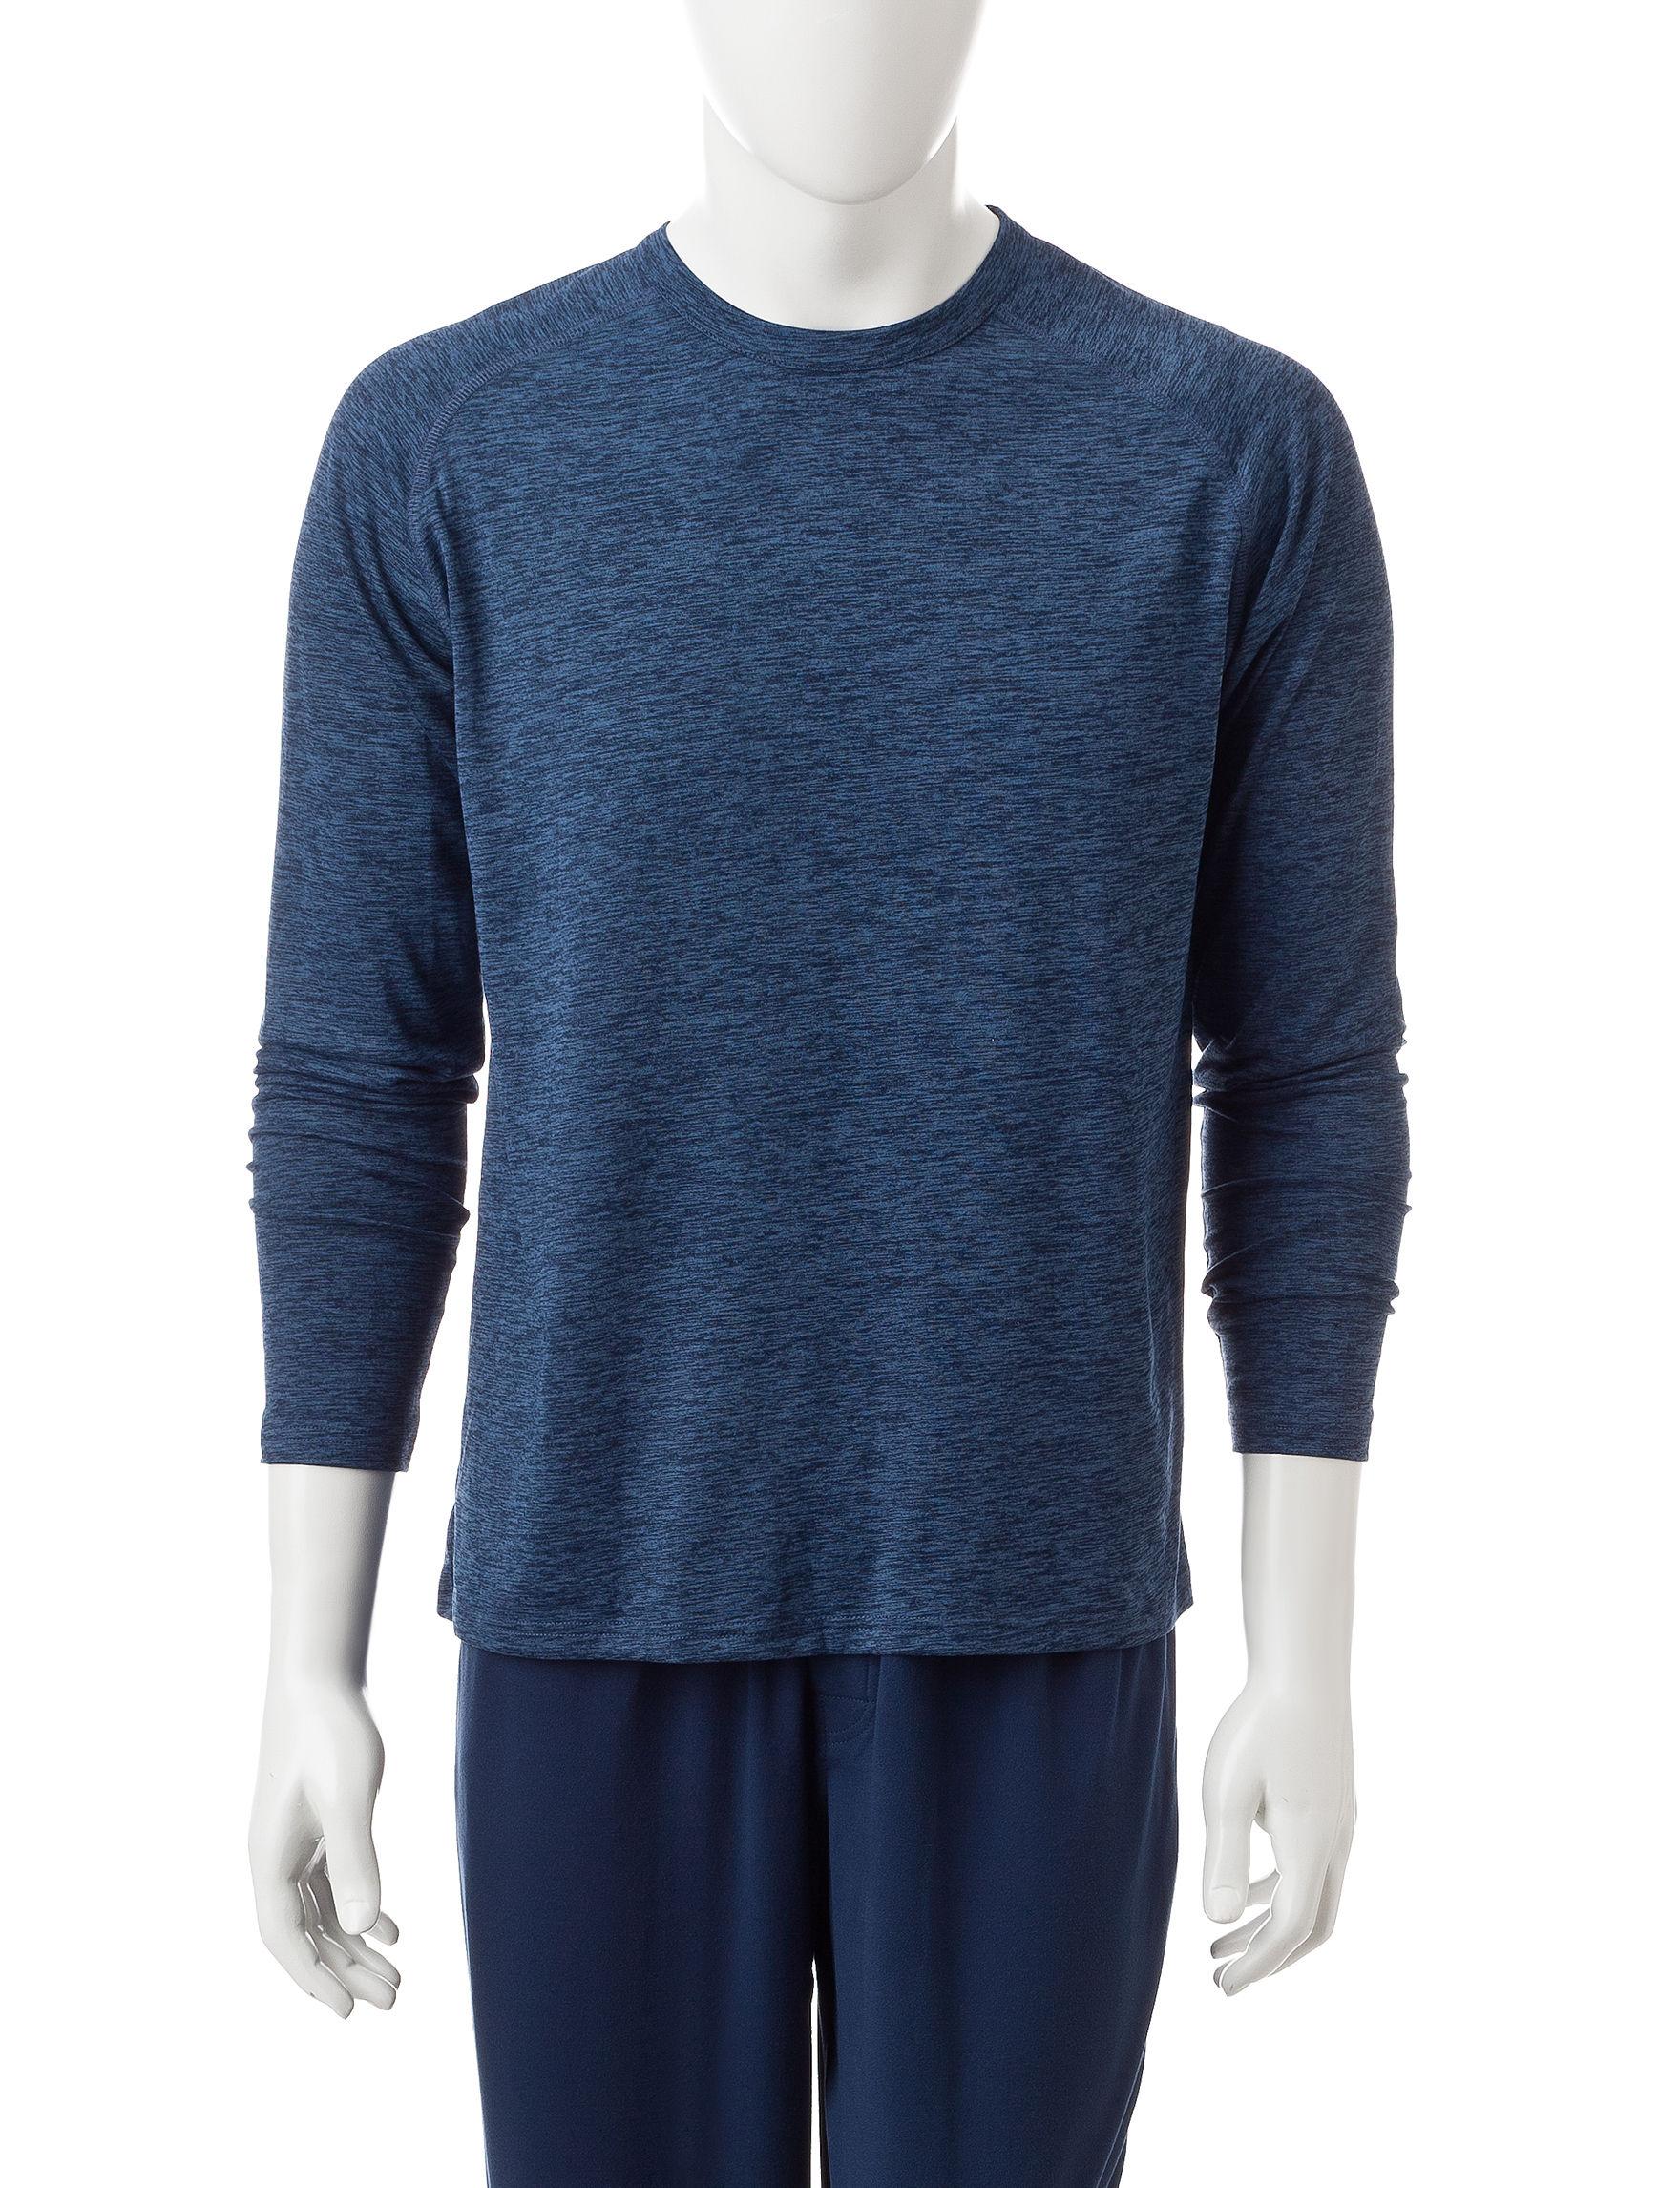 Izod Blue Pajama Tops